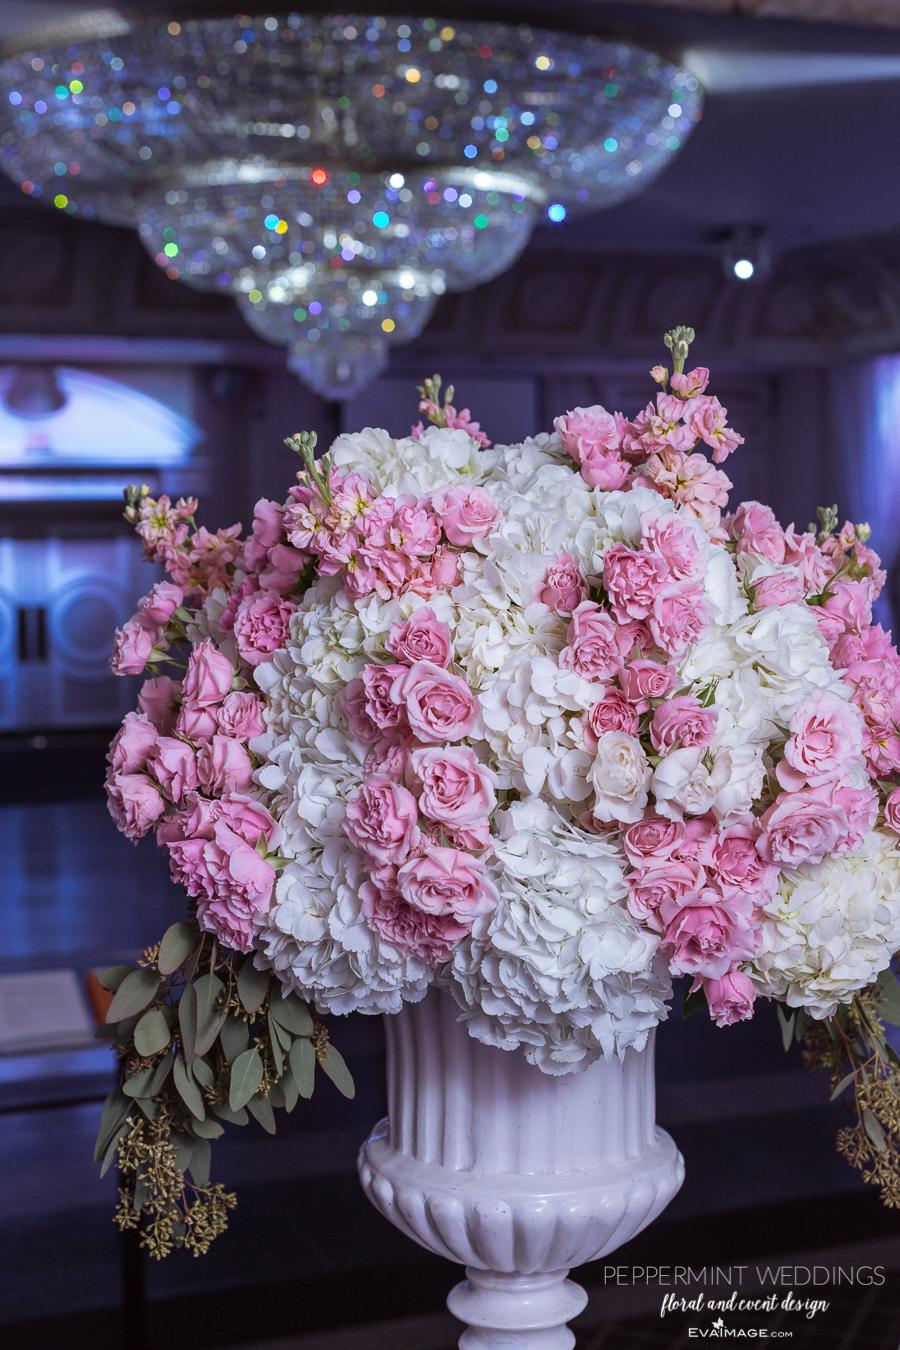 EvaImage Photography, Peppermint Weddings Floral & Event Design, Paradise Banquet & Convention Centre